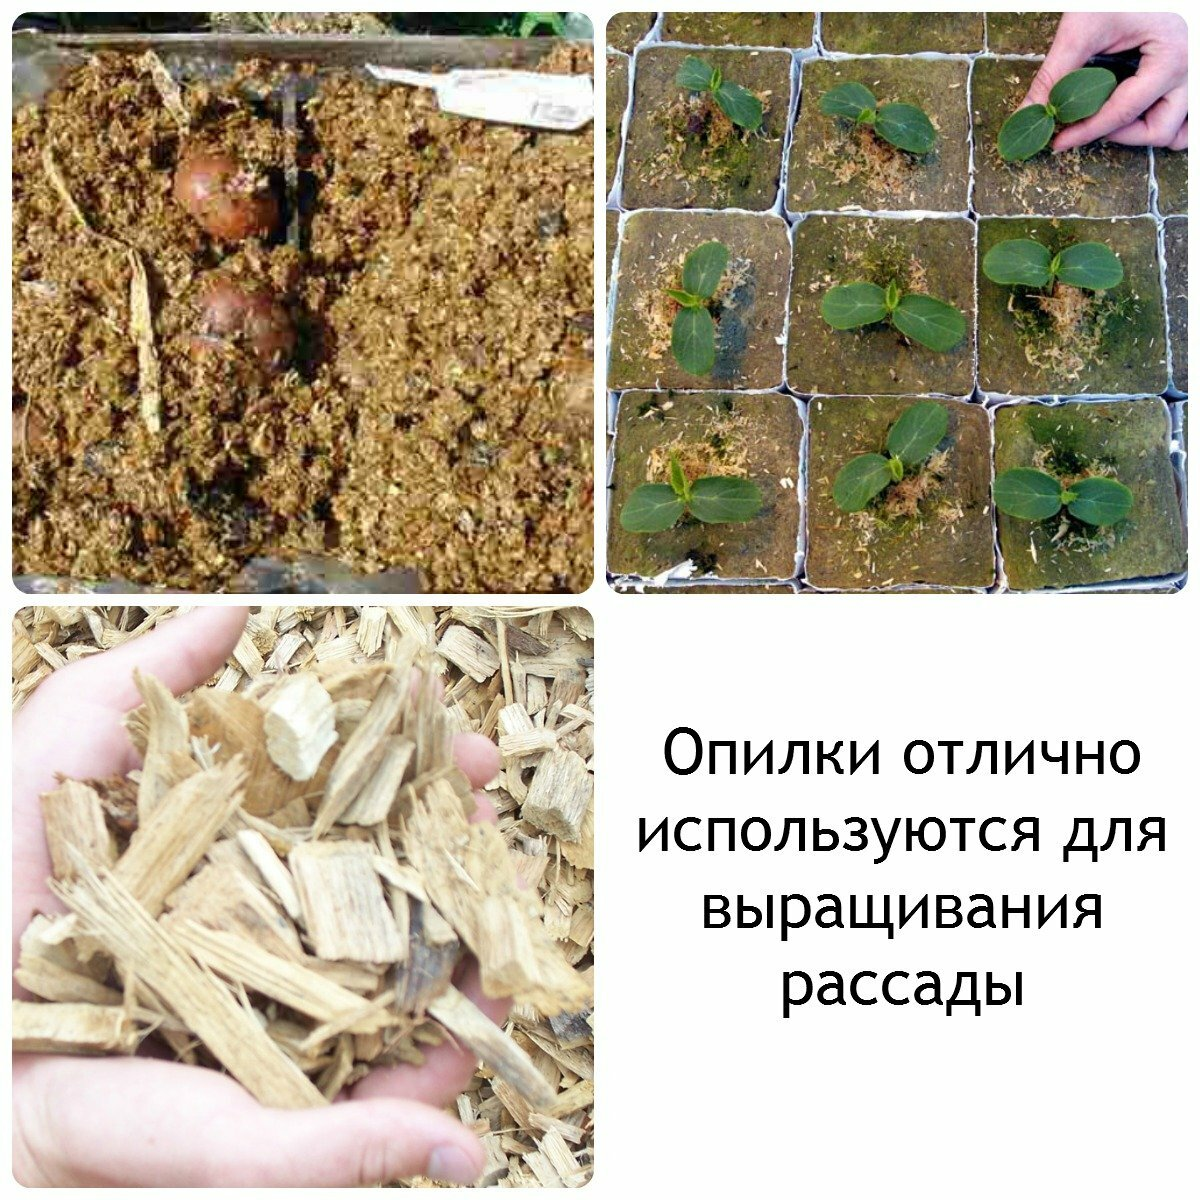 Посадка огурцов под пленку: как и когда сажать семенами и рассадой, видео